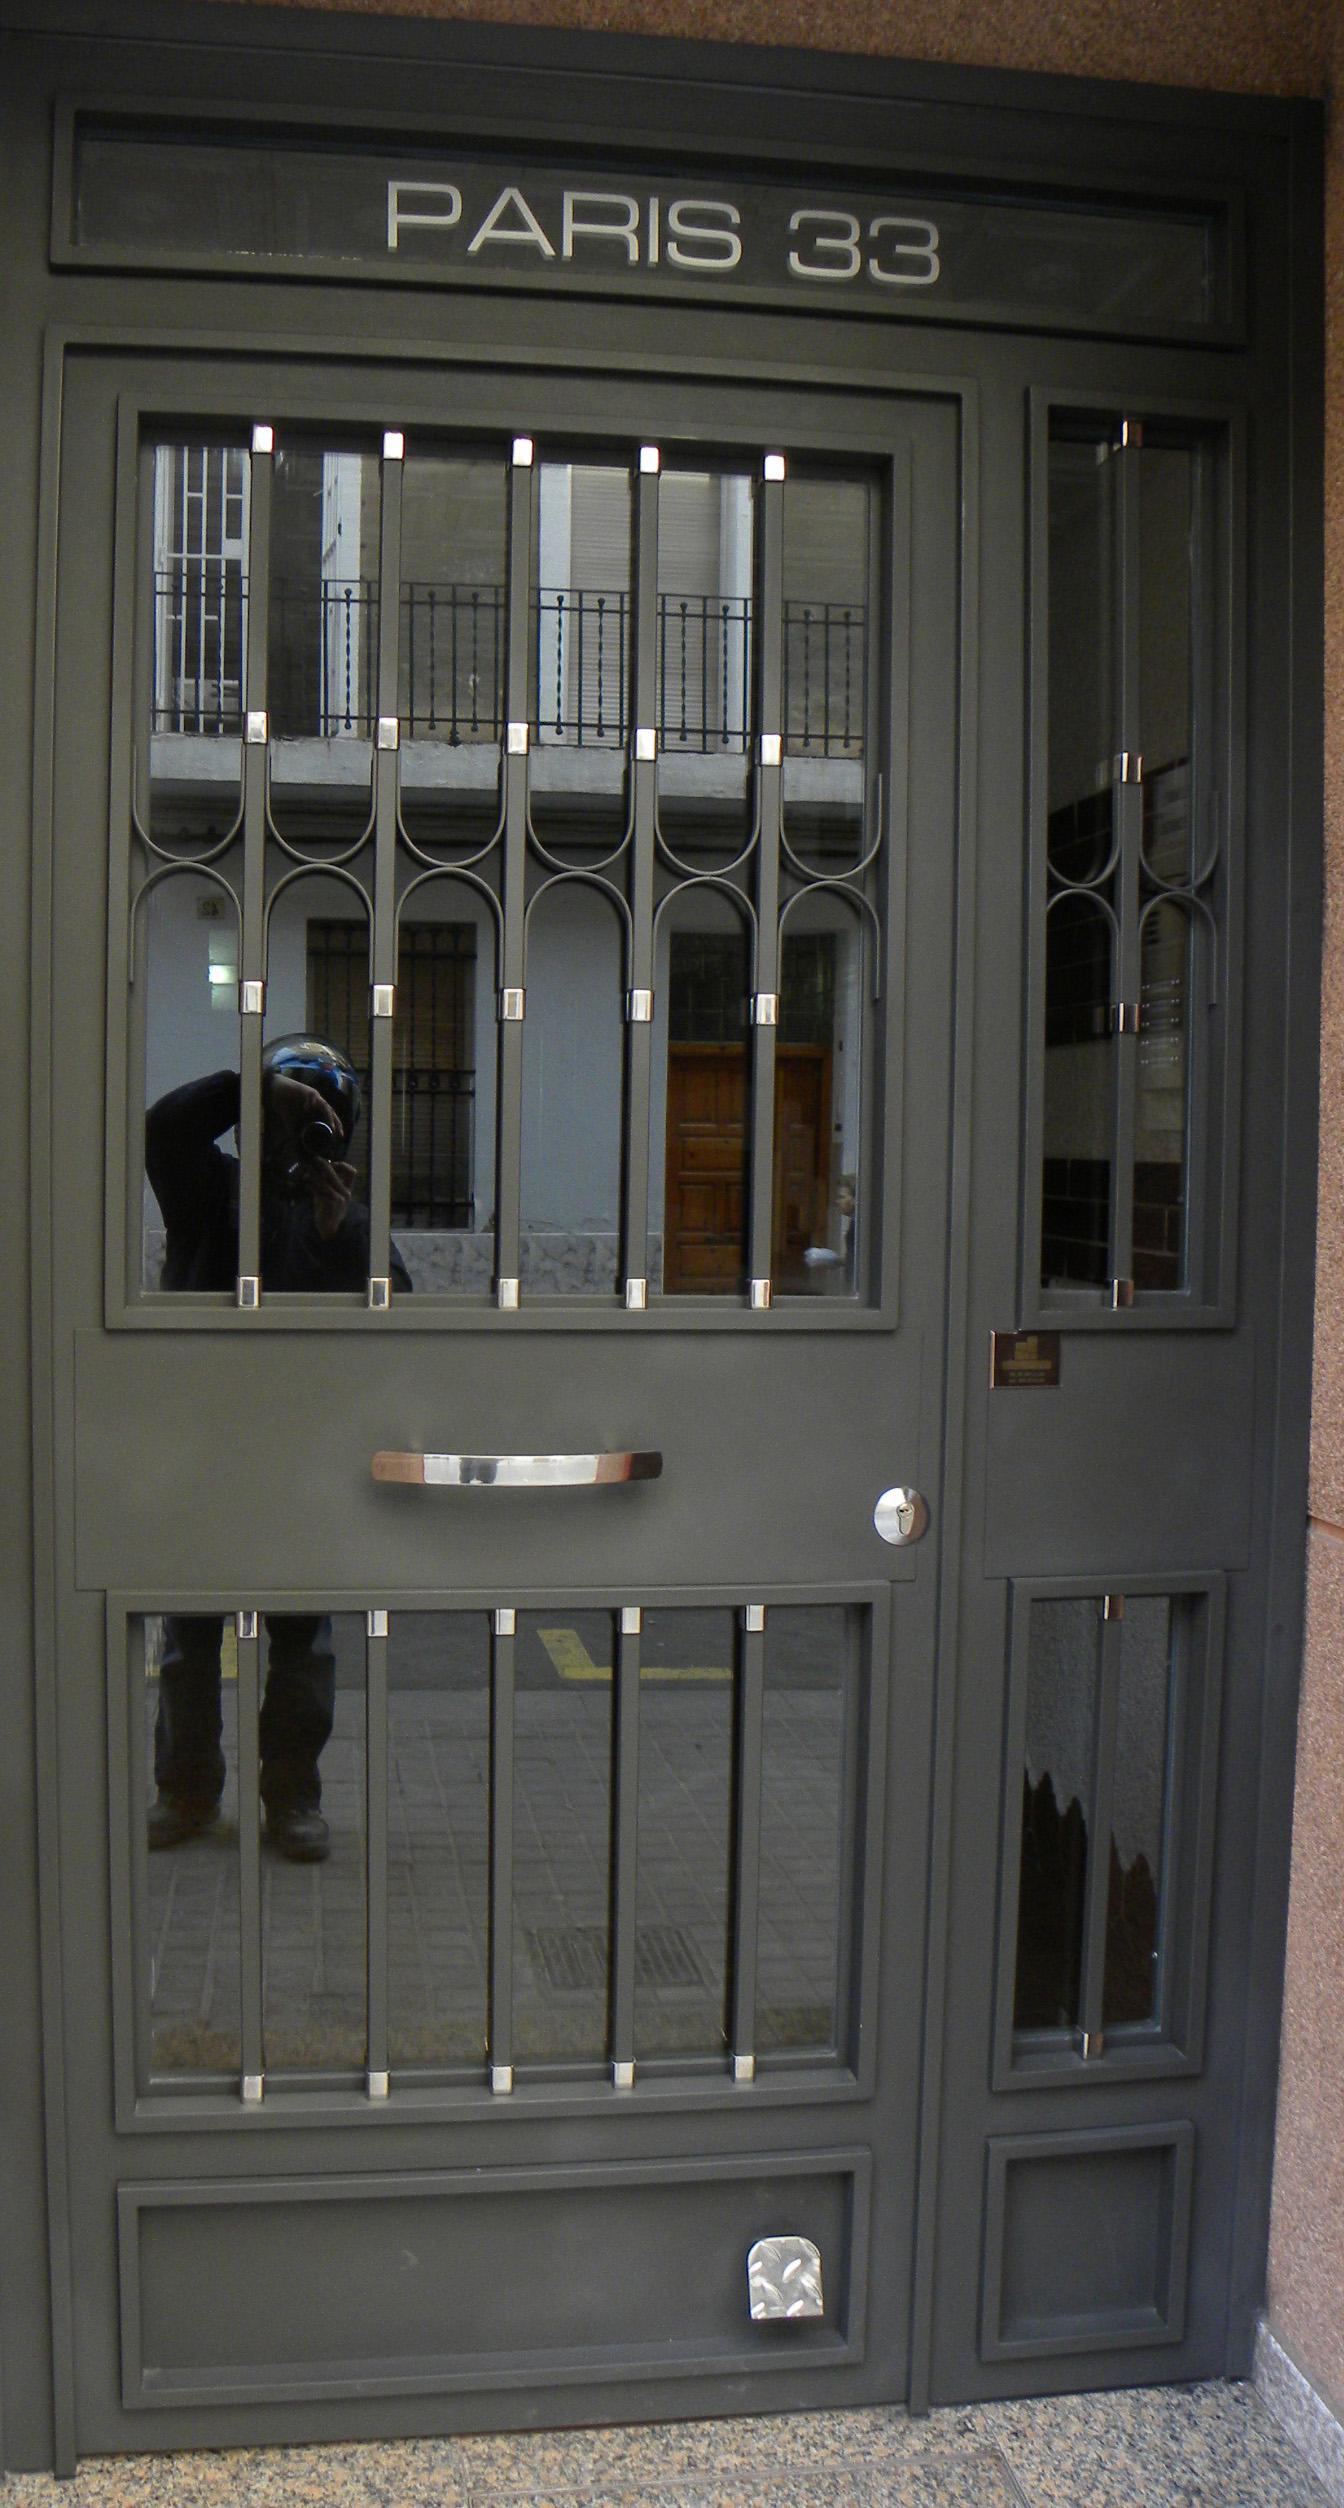 Grupo inoxmetal construcciones met lica - Modelos de puertas de hierro ...